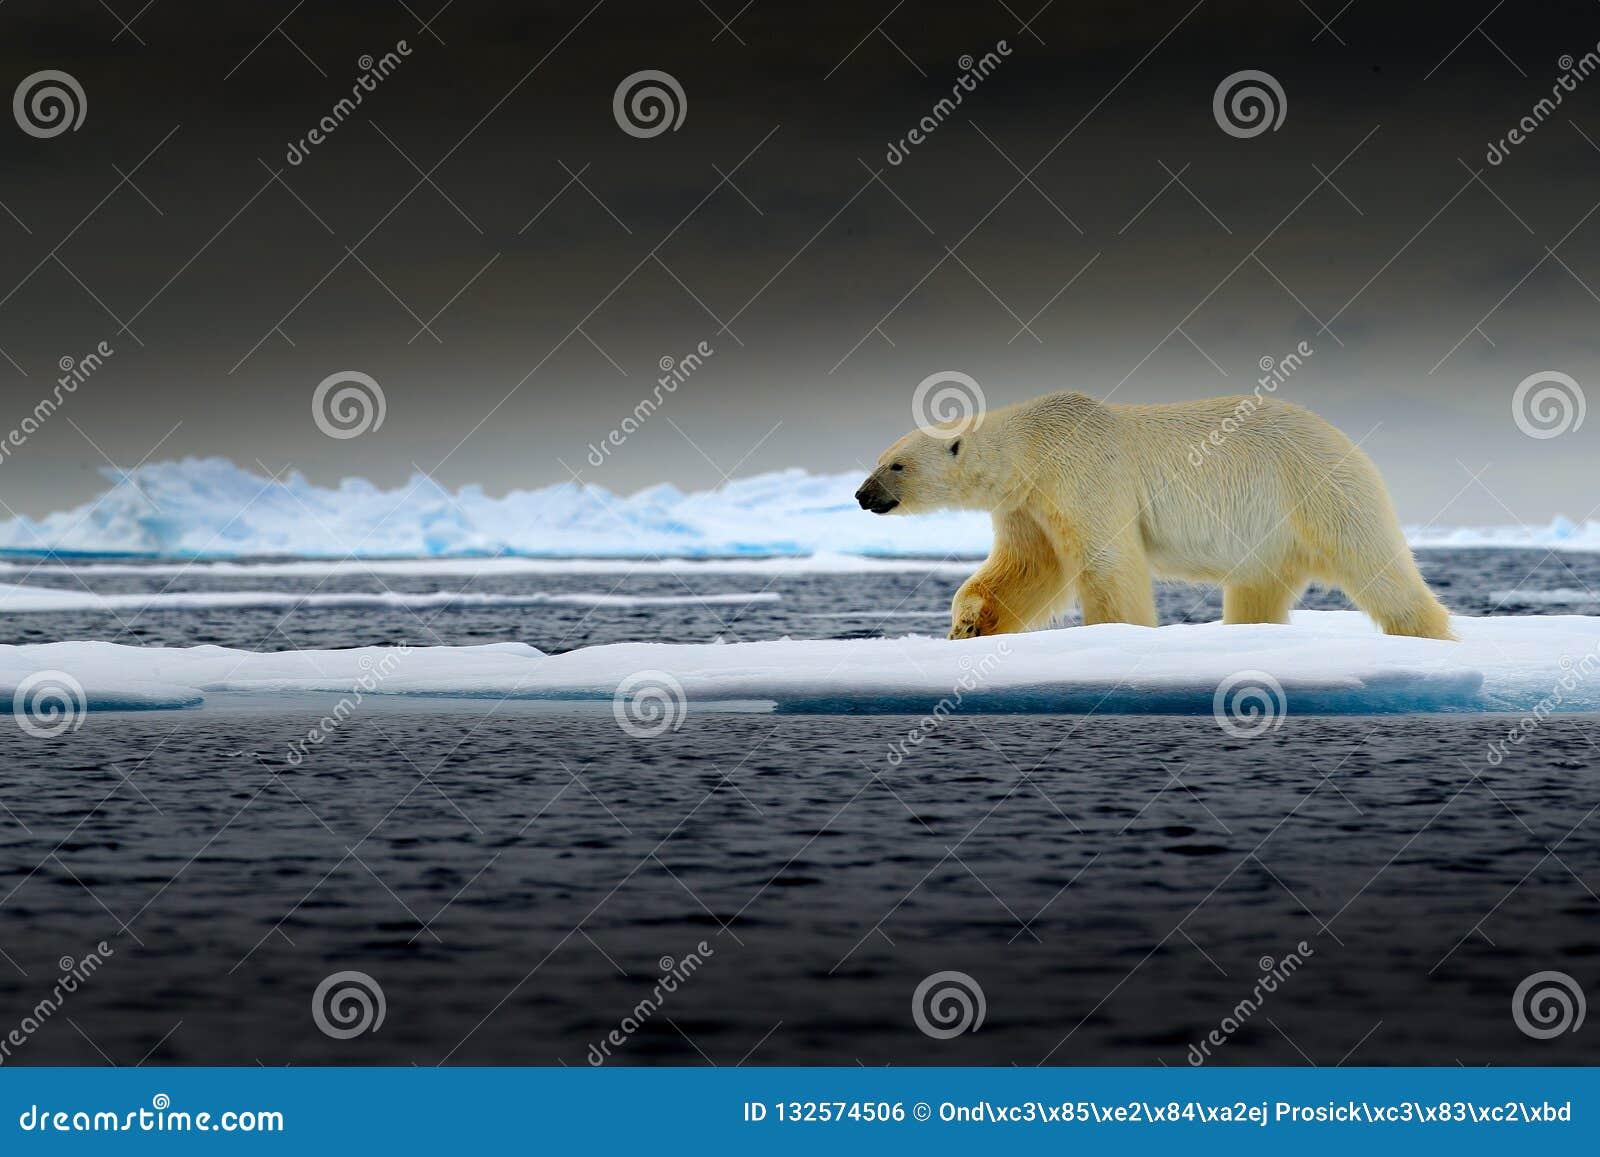 Ijsbeer op de rand van het afwijkingsijs met sneeuw en water in het overzees van Noorwegen Wit dier in de aardhabitat, Europa Het